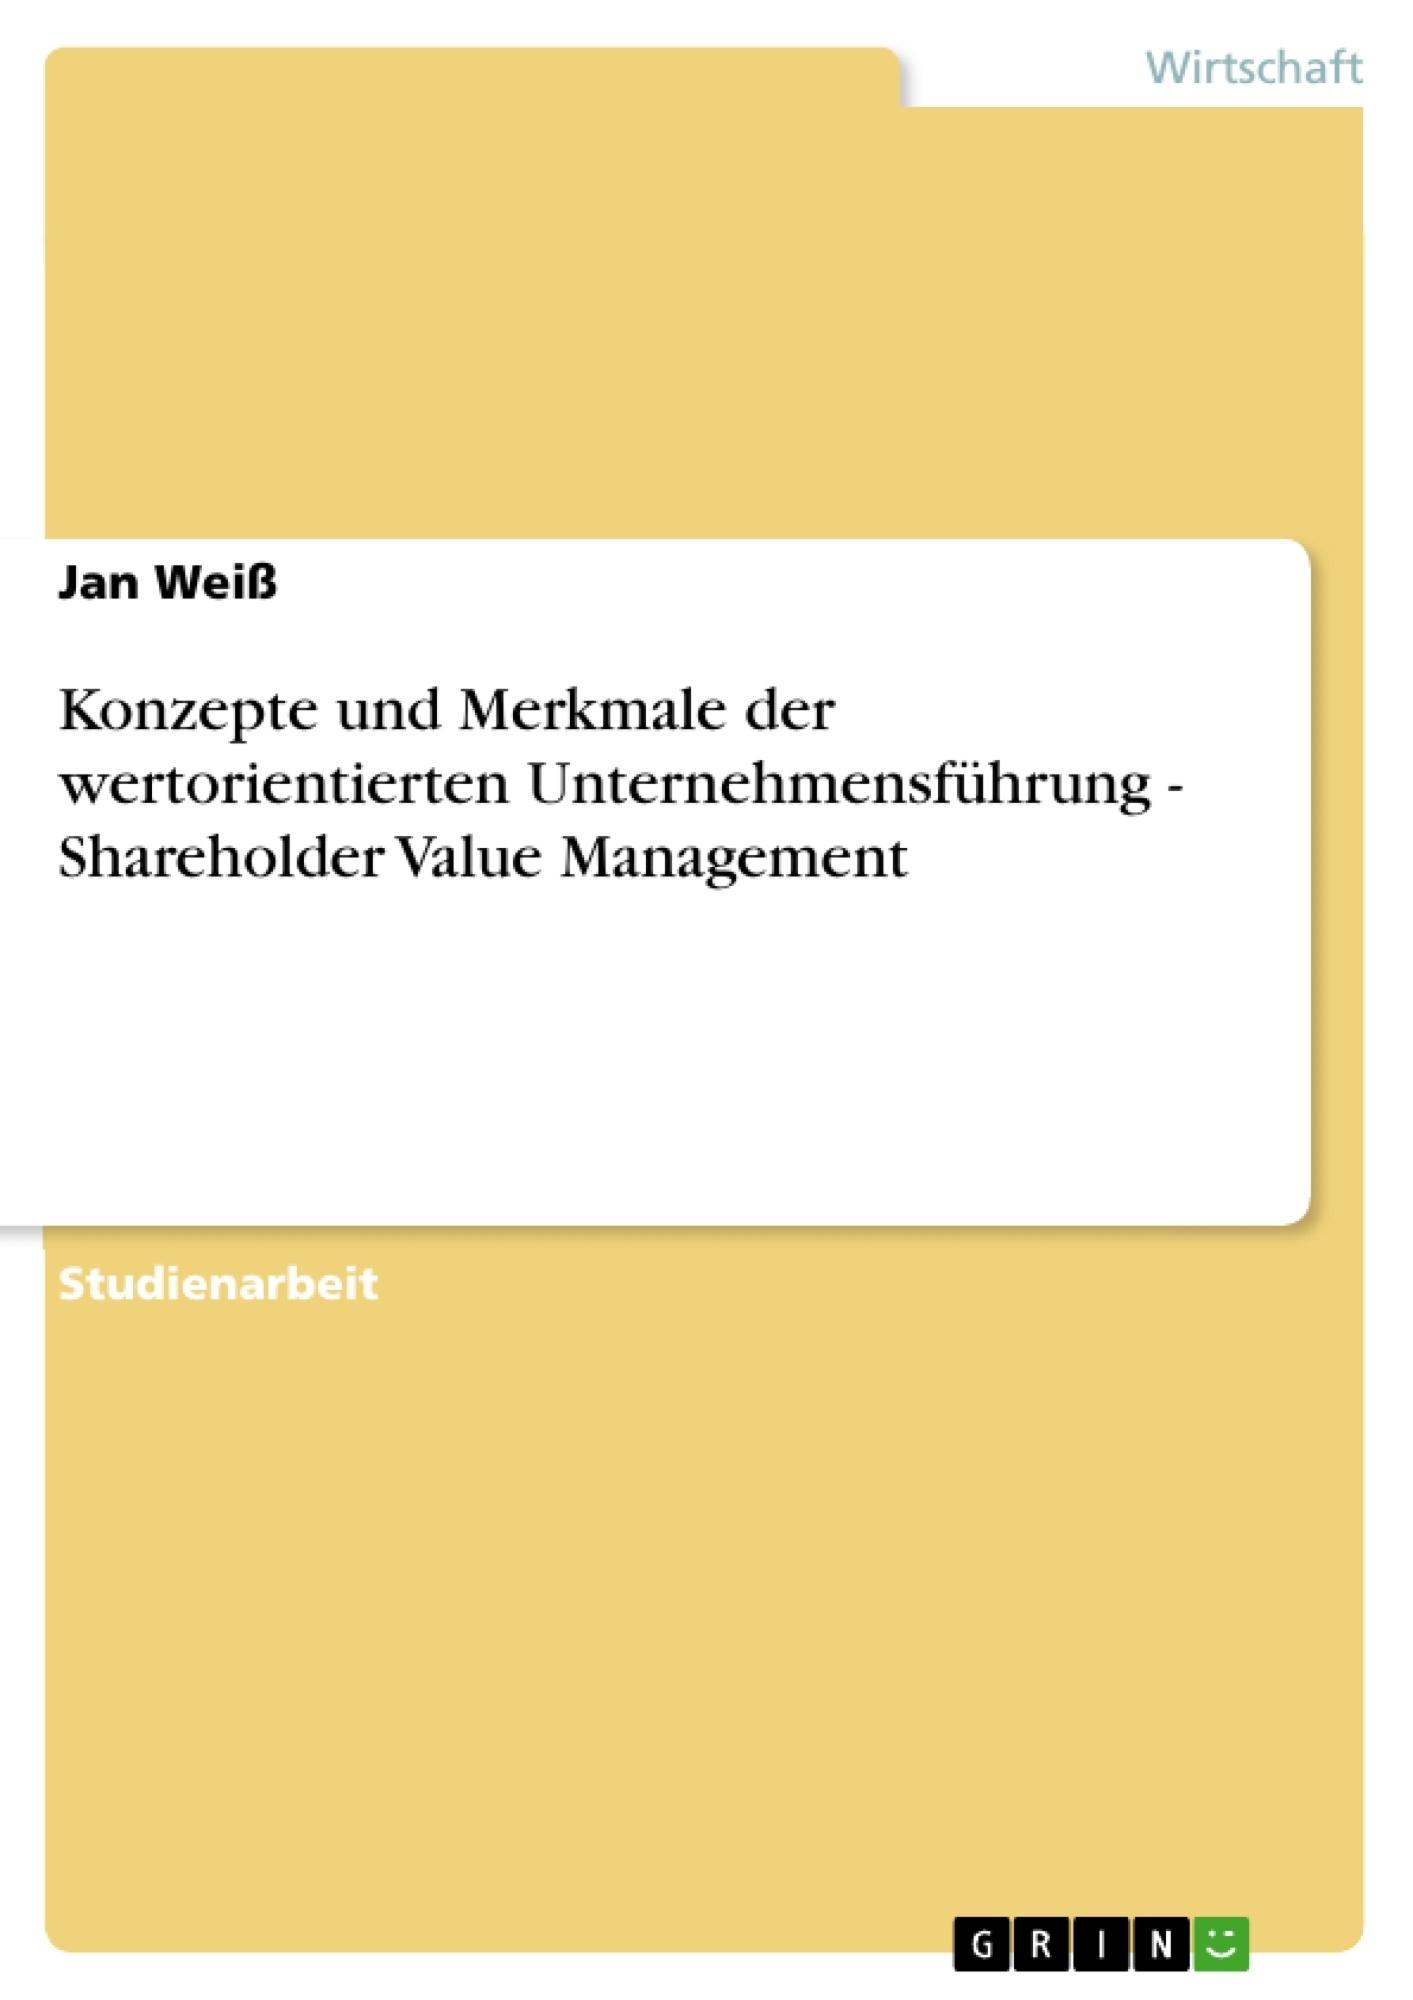 Titel: Konzepte und Merkmale der wertorientierten Unternehmensführung - Shareholder Value Management